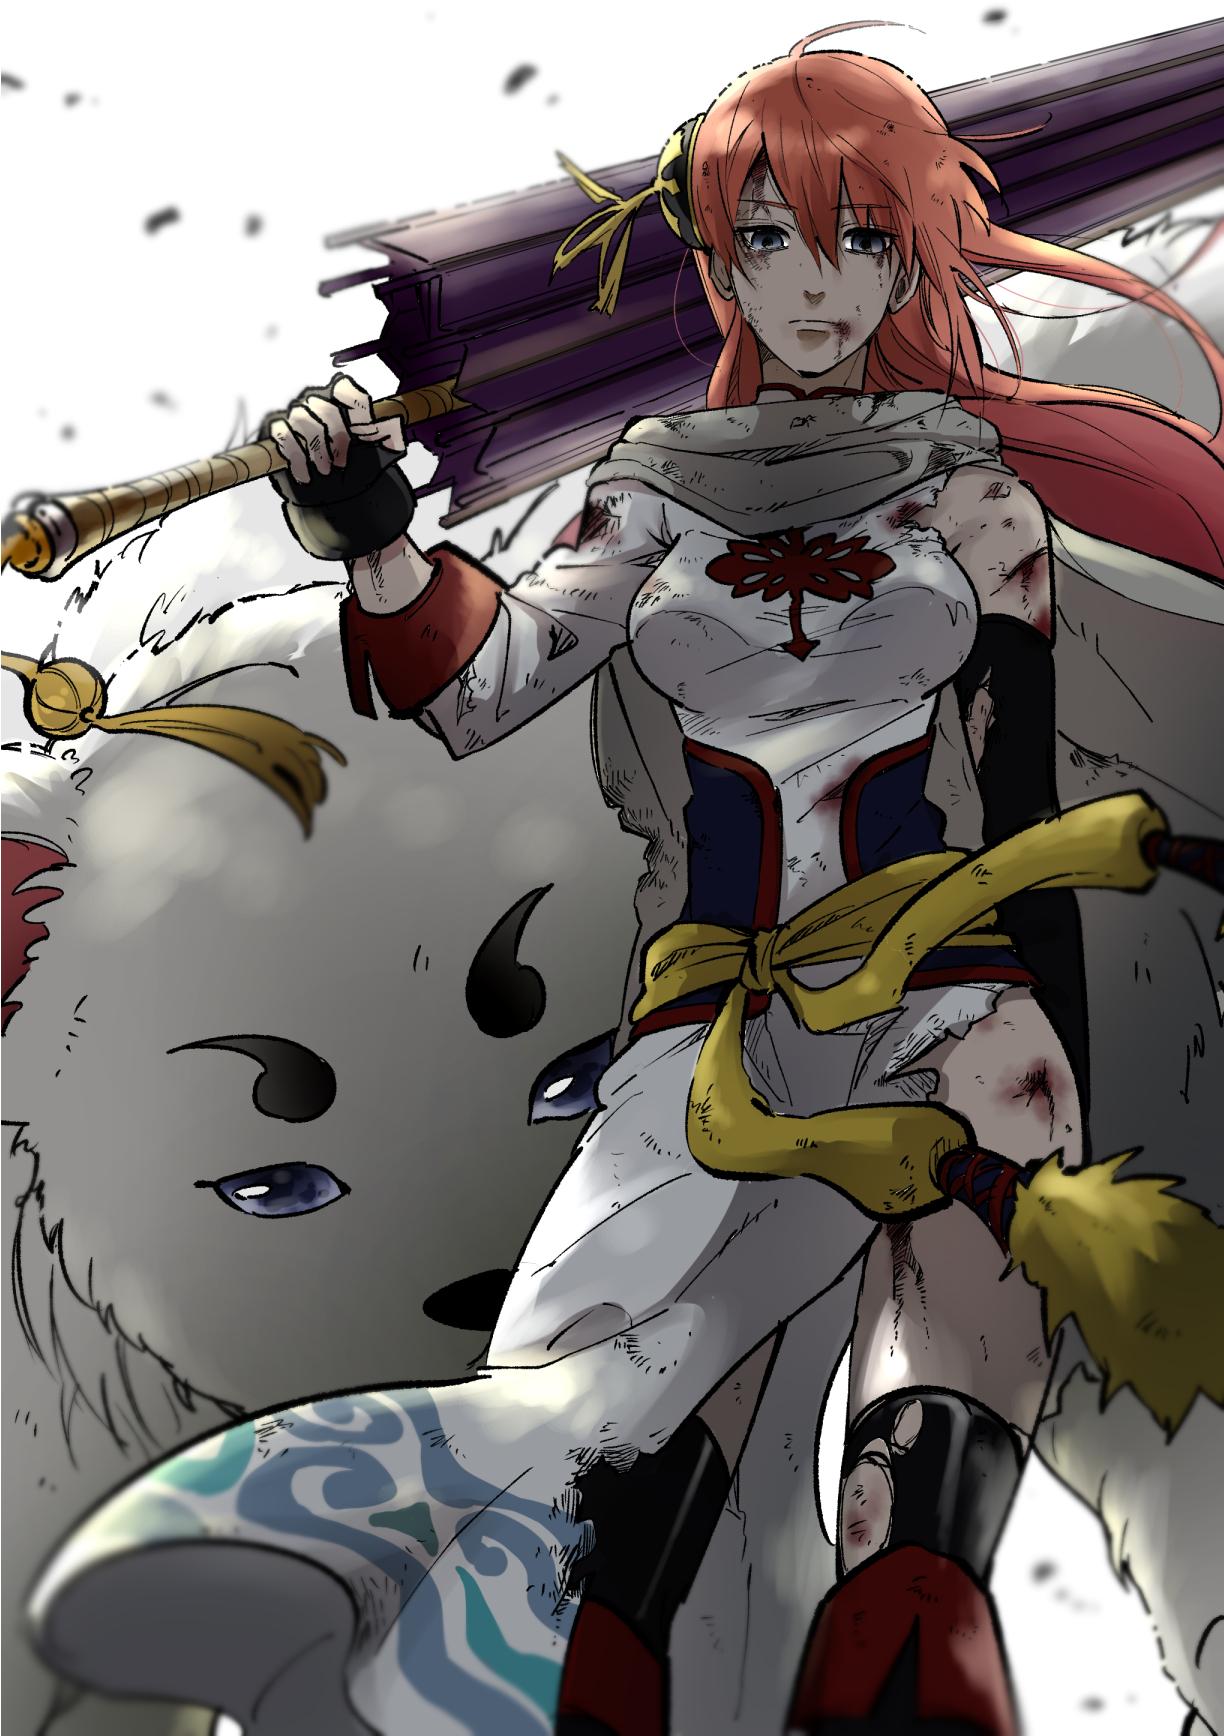 デスクトップ壁紙 アニメの女の子 神楽銀魂 サダハル 1224x1736